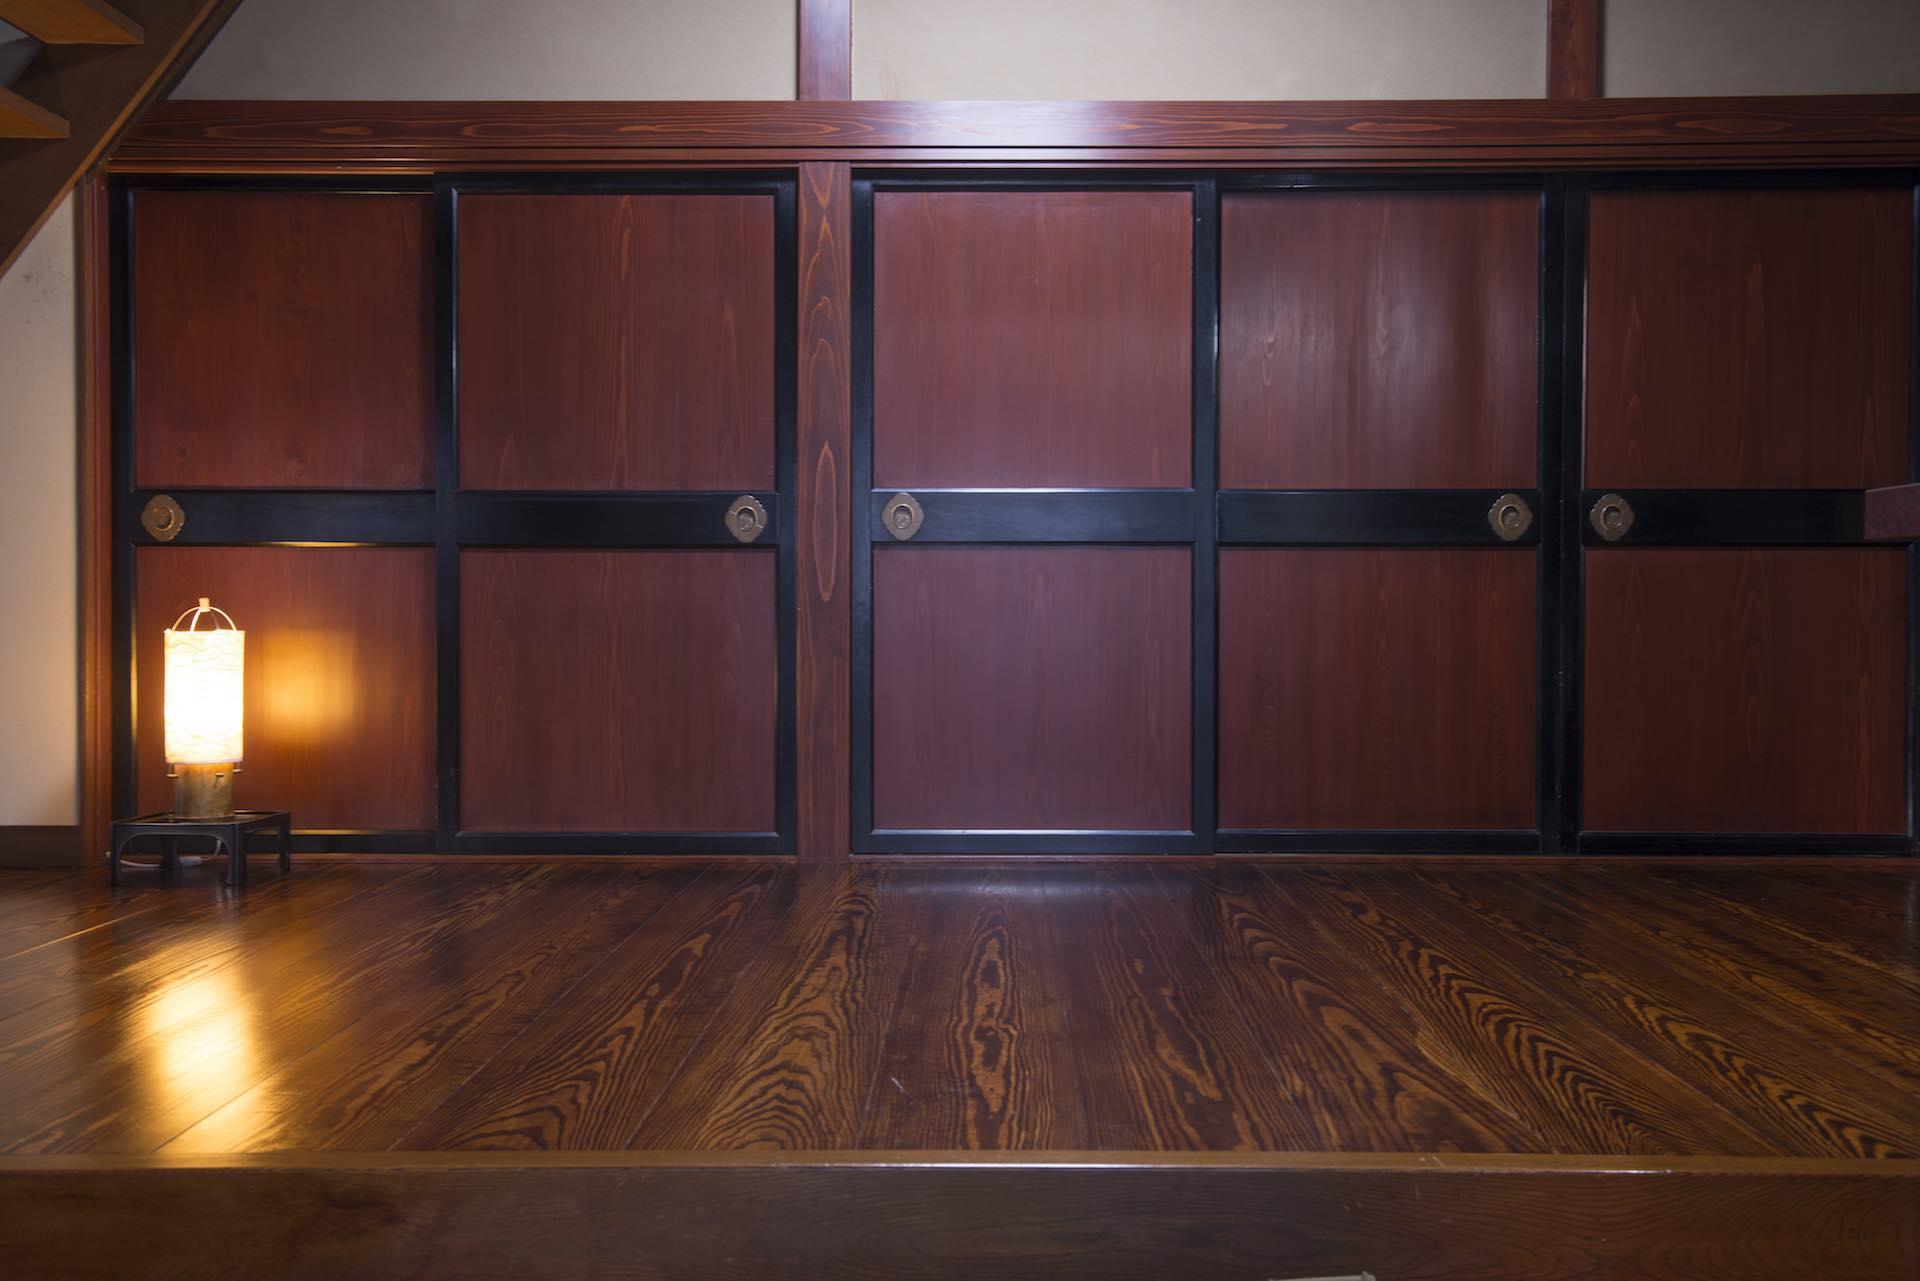 玄関をくぐって真正面から見た内田さんの自宅。 (撮影:上田順子)